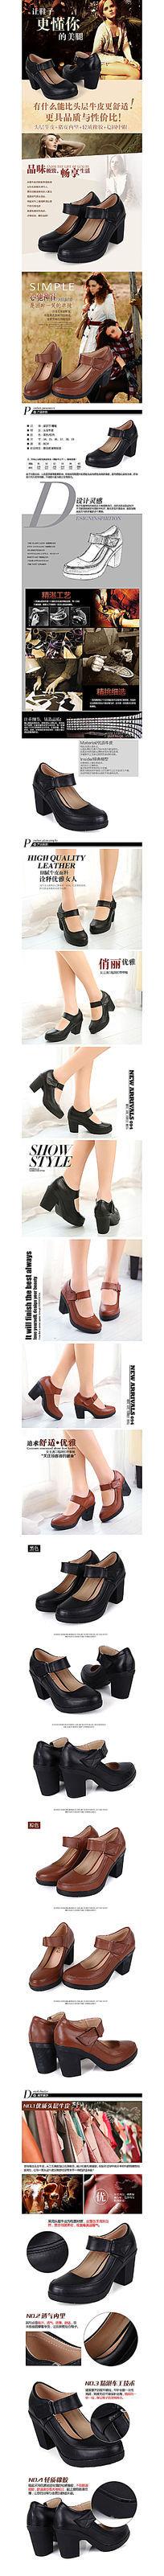 淘宝皮鞋详情页女鞋细节描述PSD模板